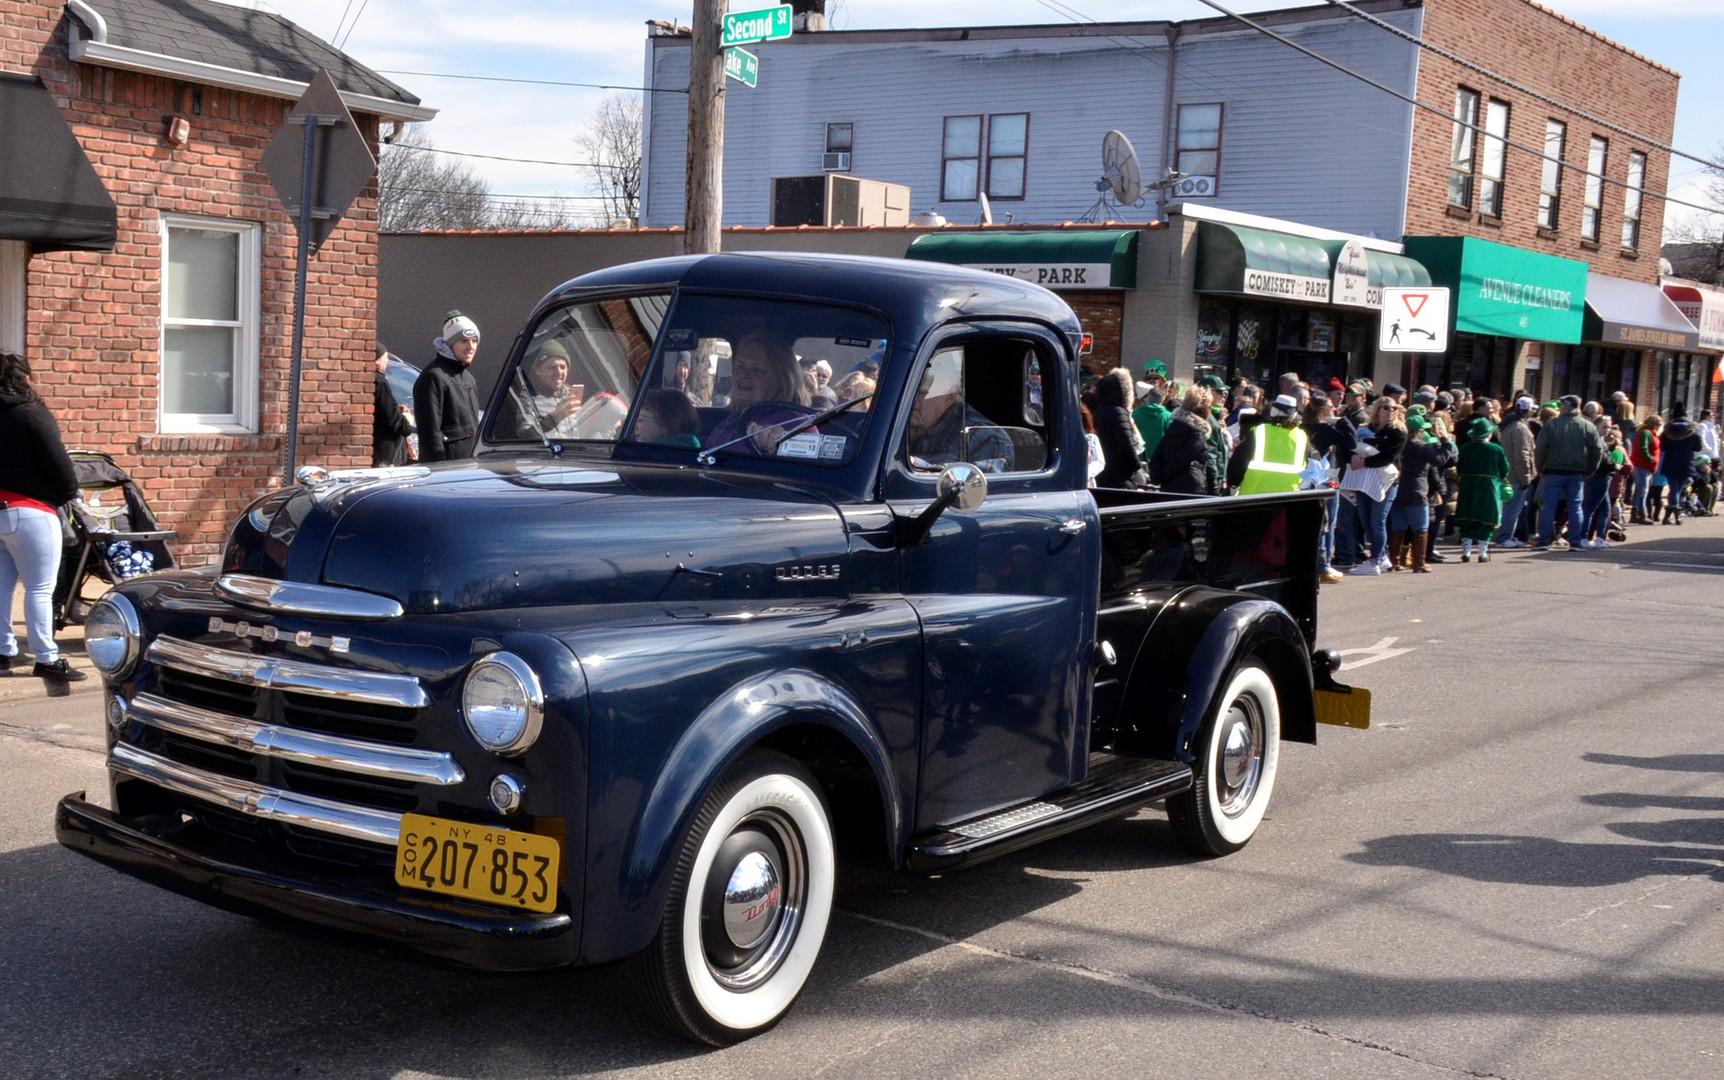 Robert Mayer's 1949 Dodge